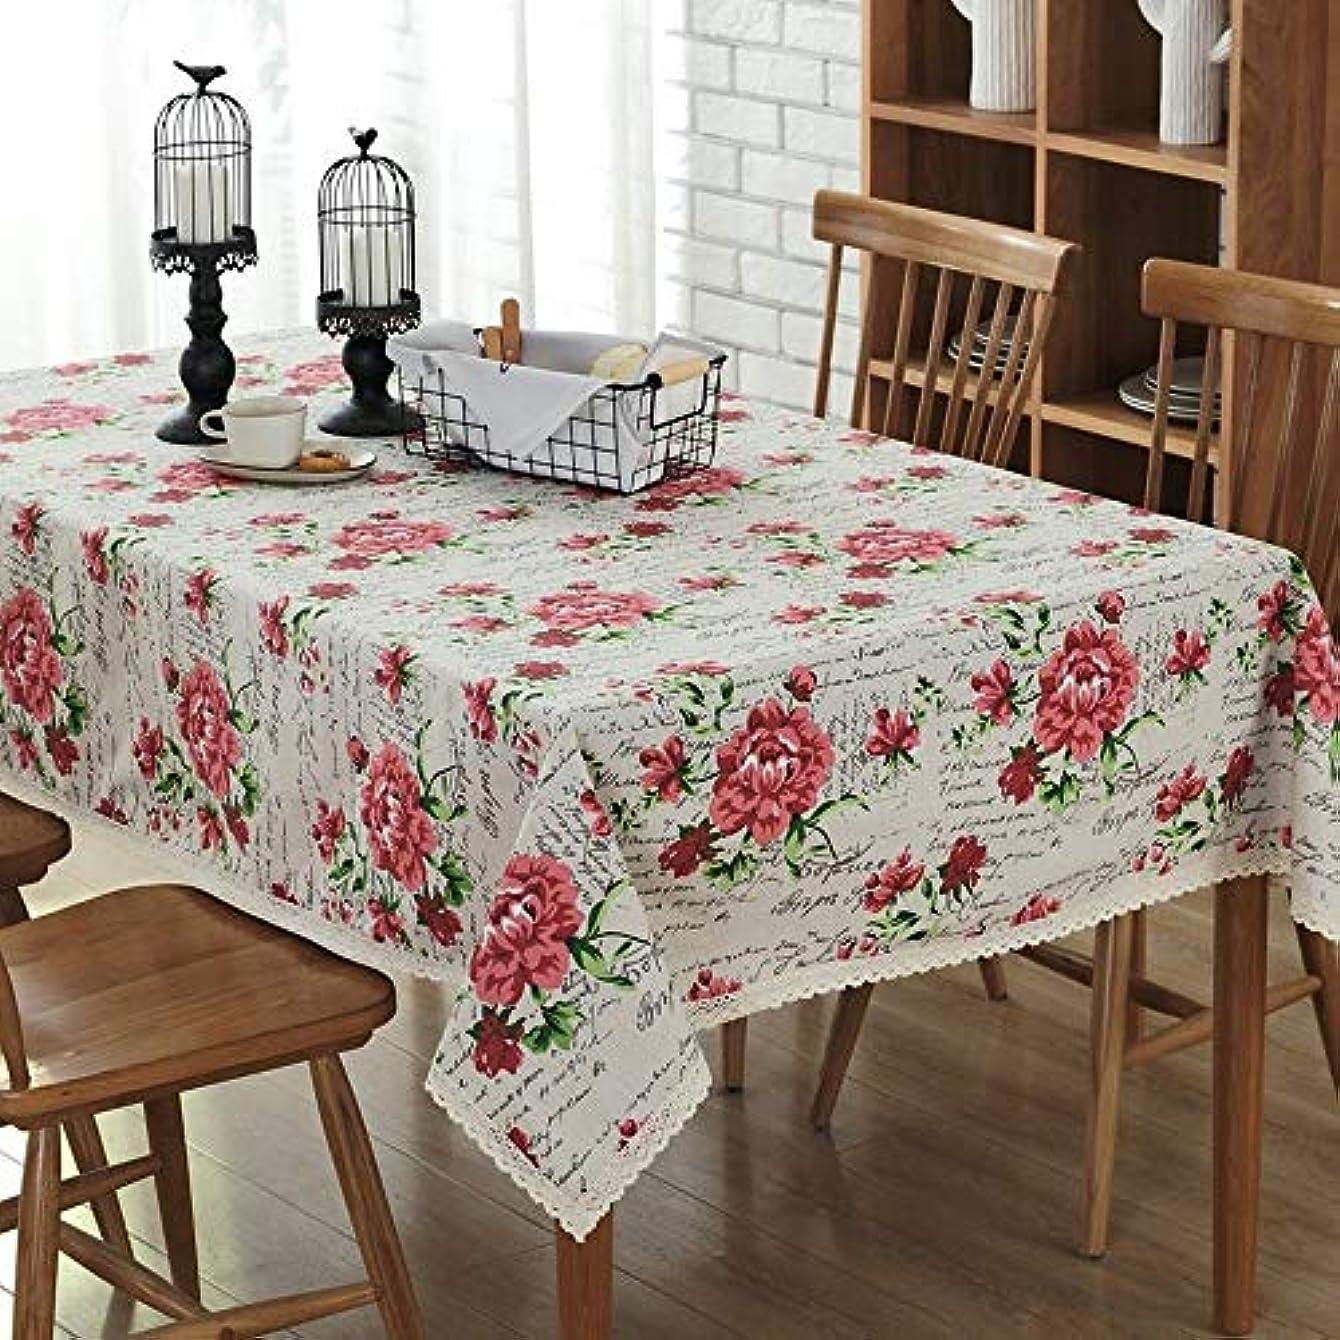 慎重にテンポ東方LIJIAN クラシックコットンやリネンのバラの木プリントコーヒーテーブルテーブルクロス (Color : Rose print, Size : 140*180CM)